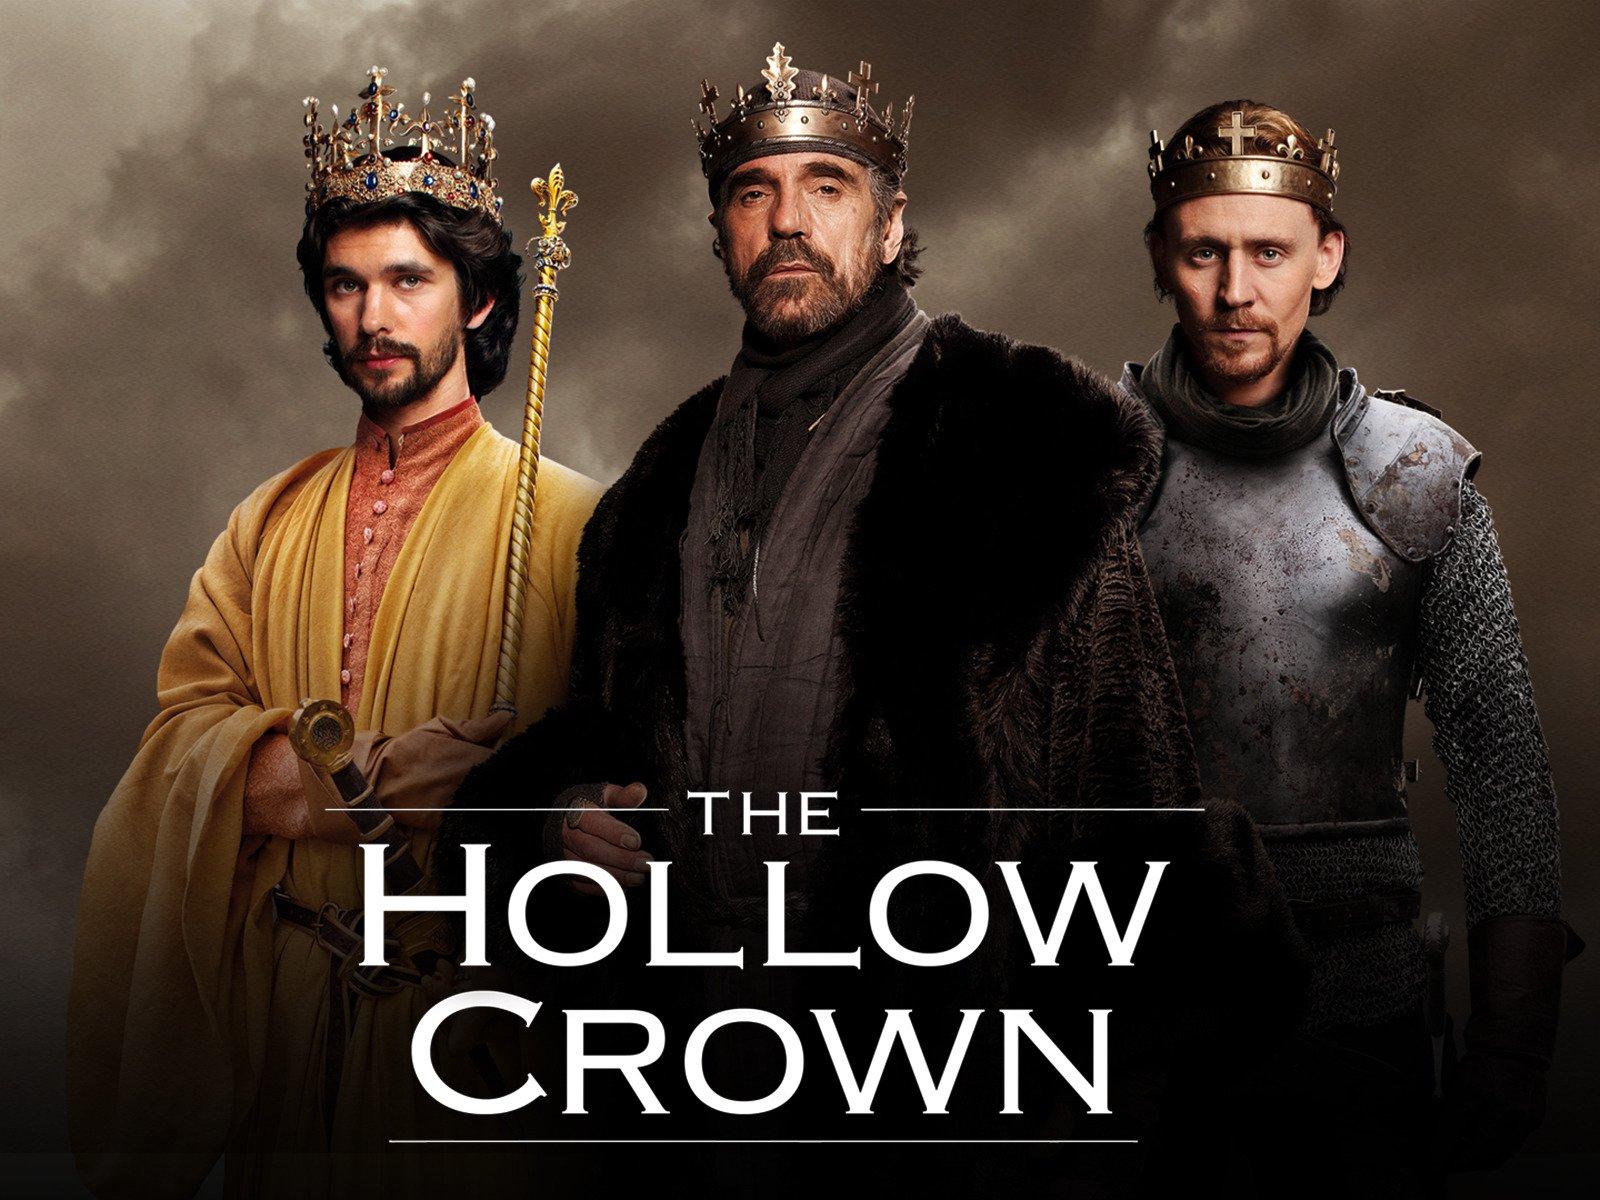 the crown s01e01 stream